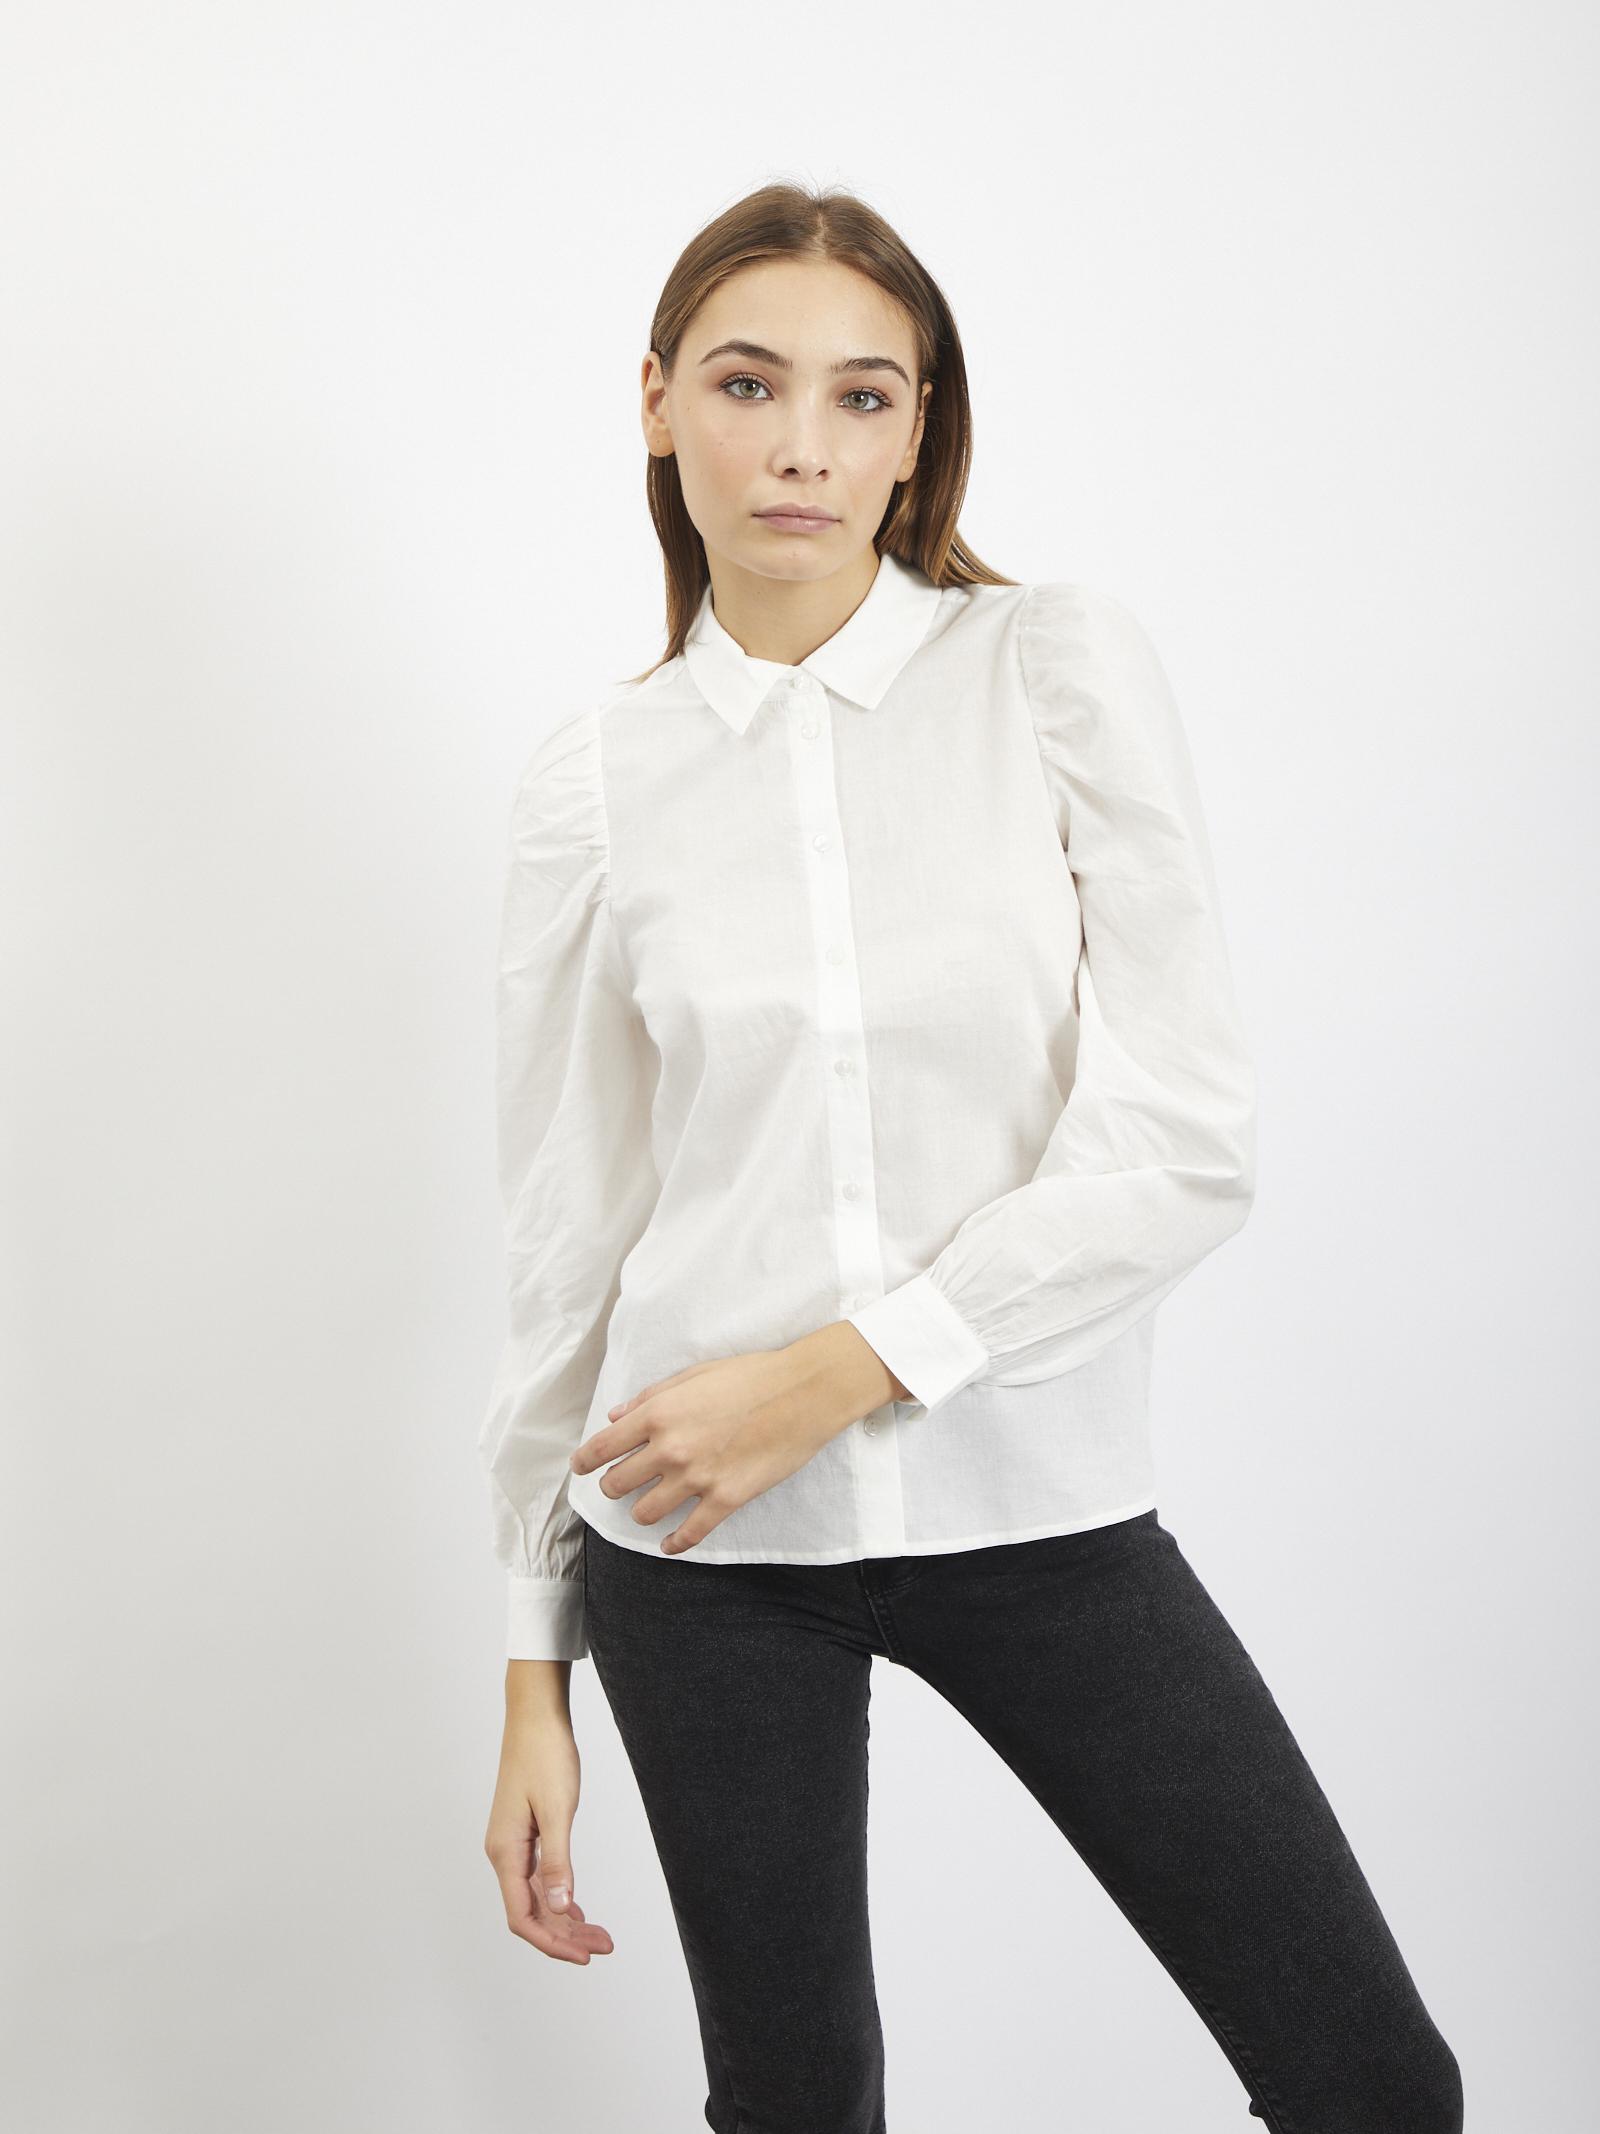 Shirt VERO MODA | Shirts | 10236167BIANCO